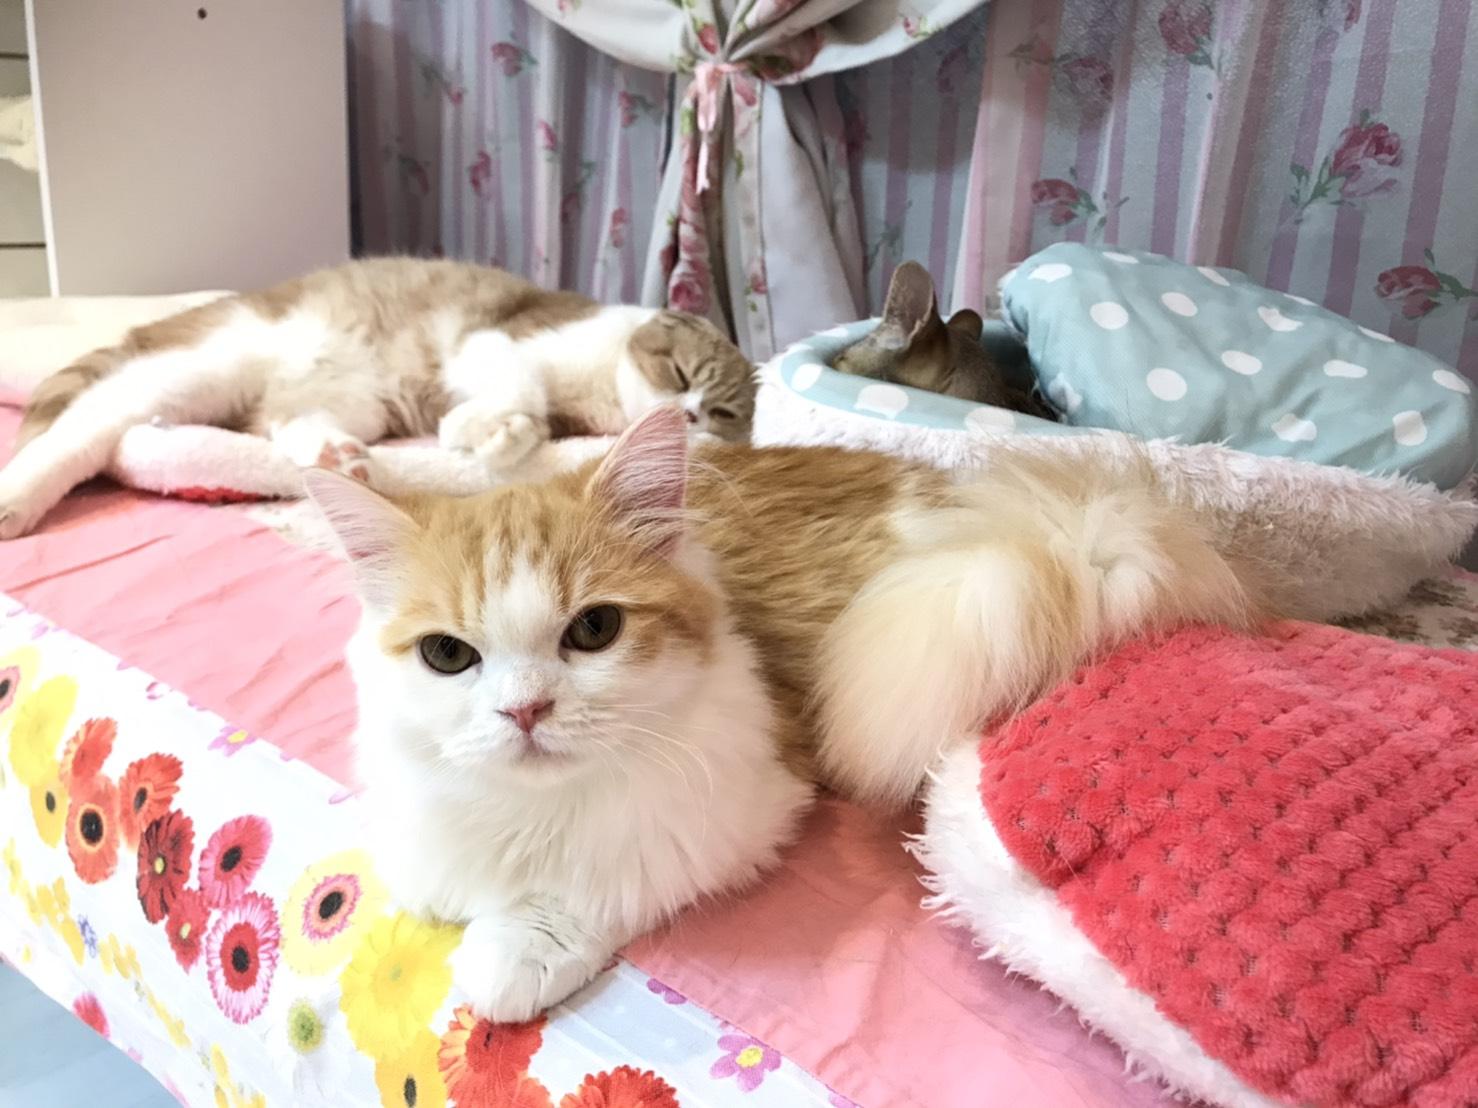 もう冬本番ですね。コロナウイルス対策をしっかりやって猫ちゃんと遊びましょう^_^